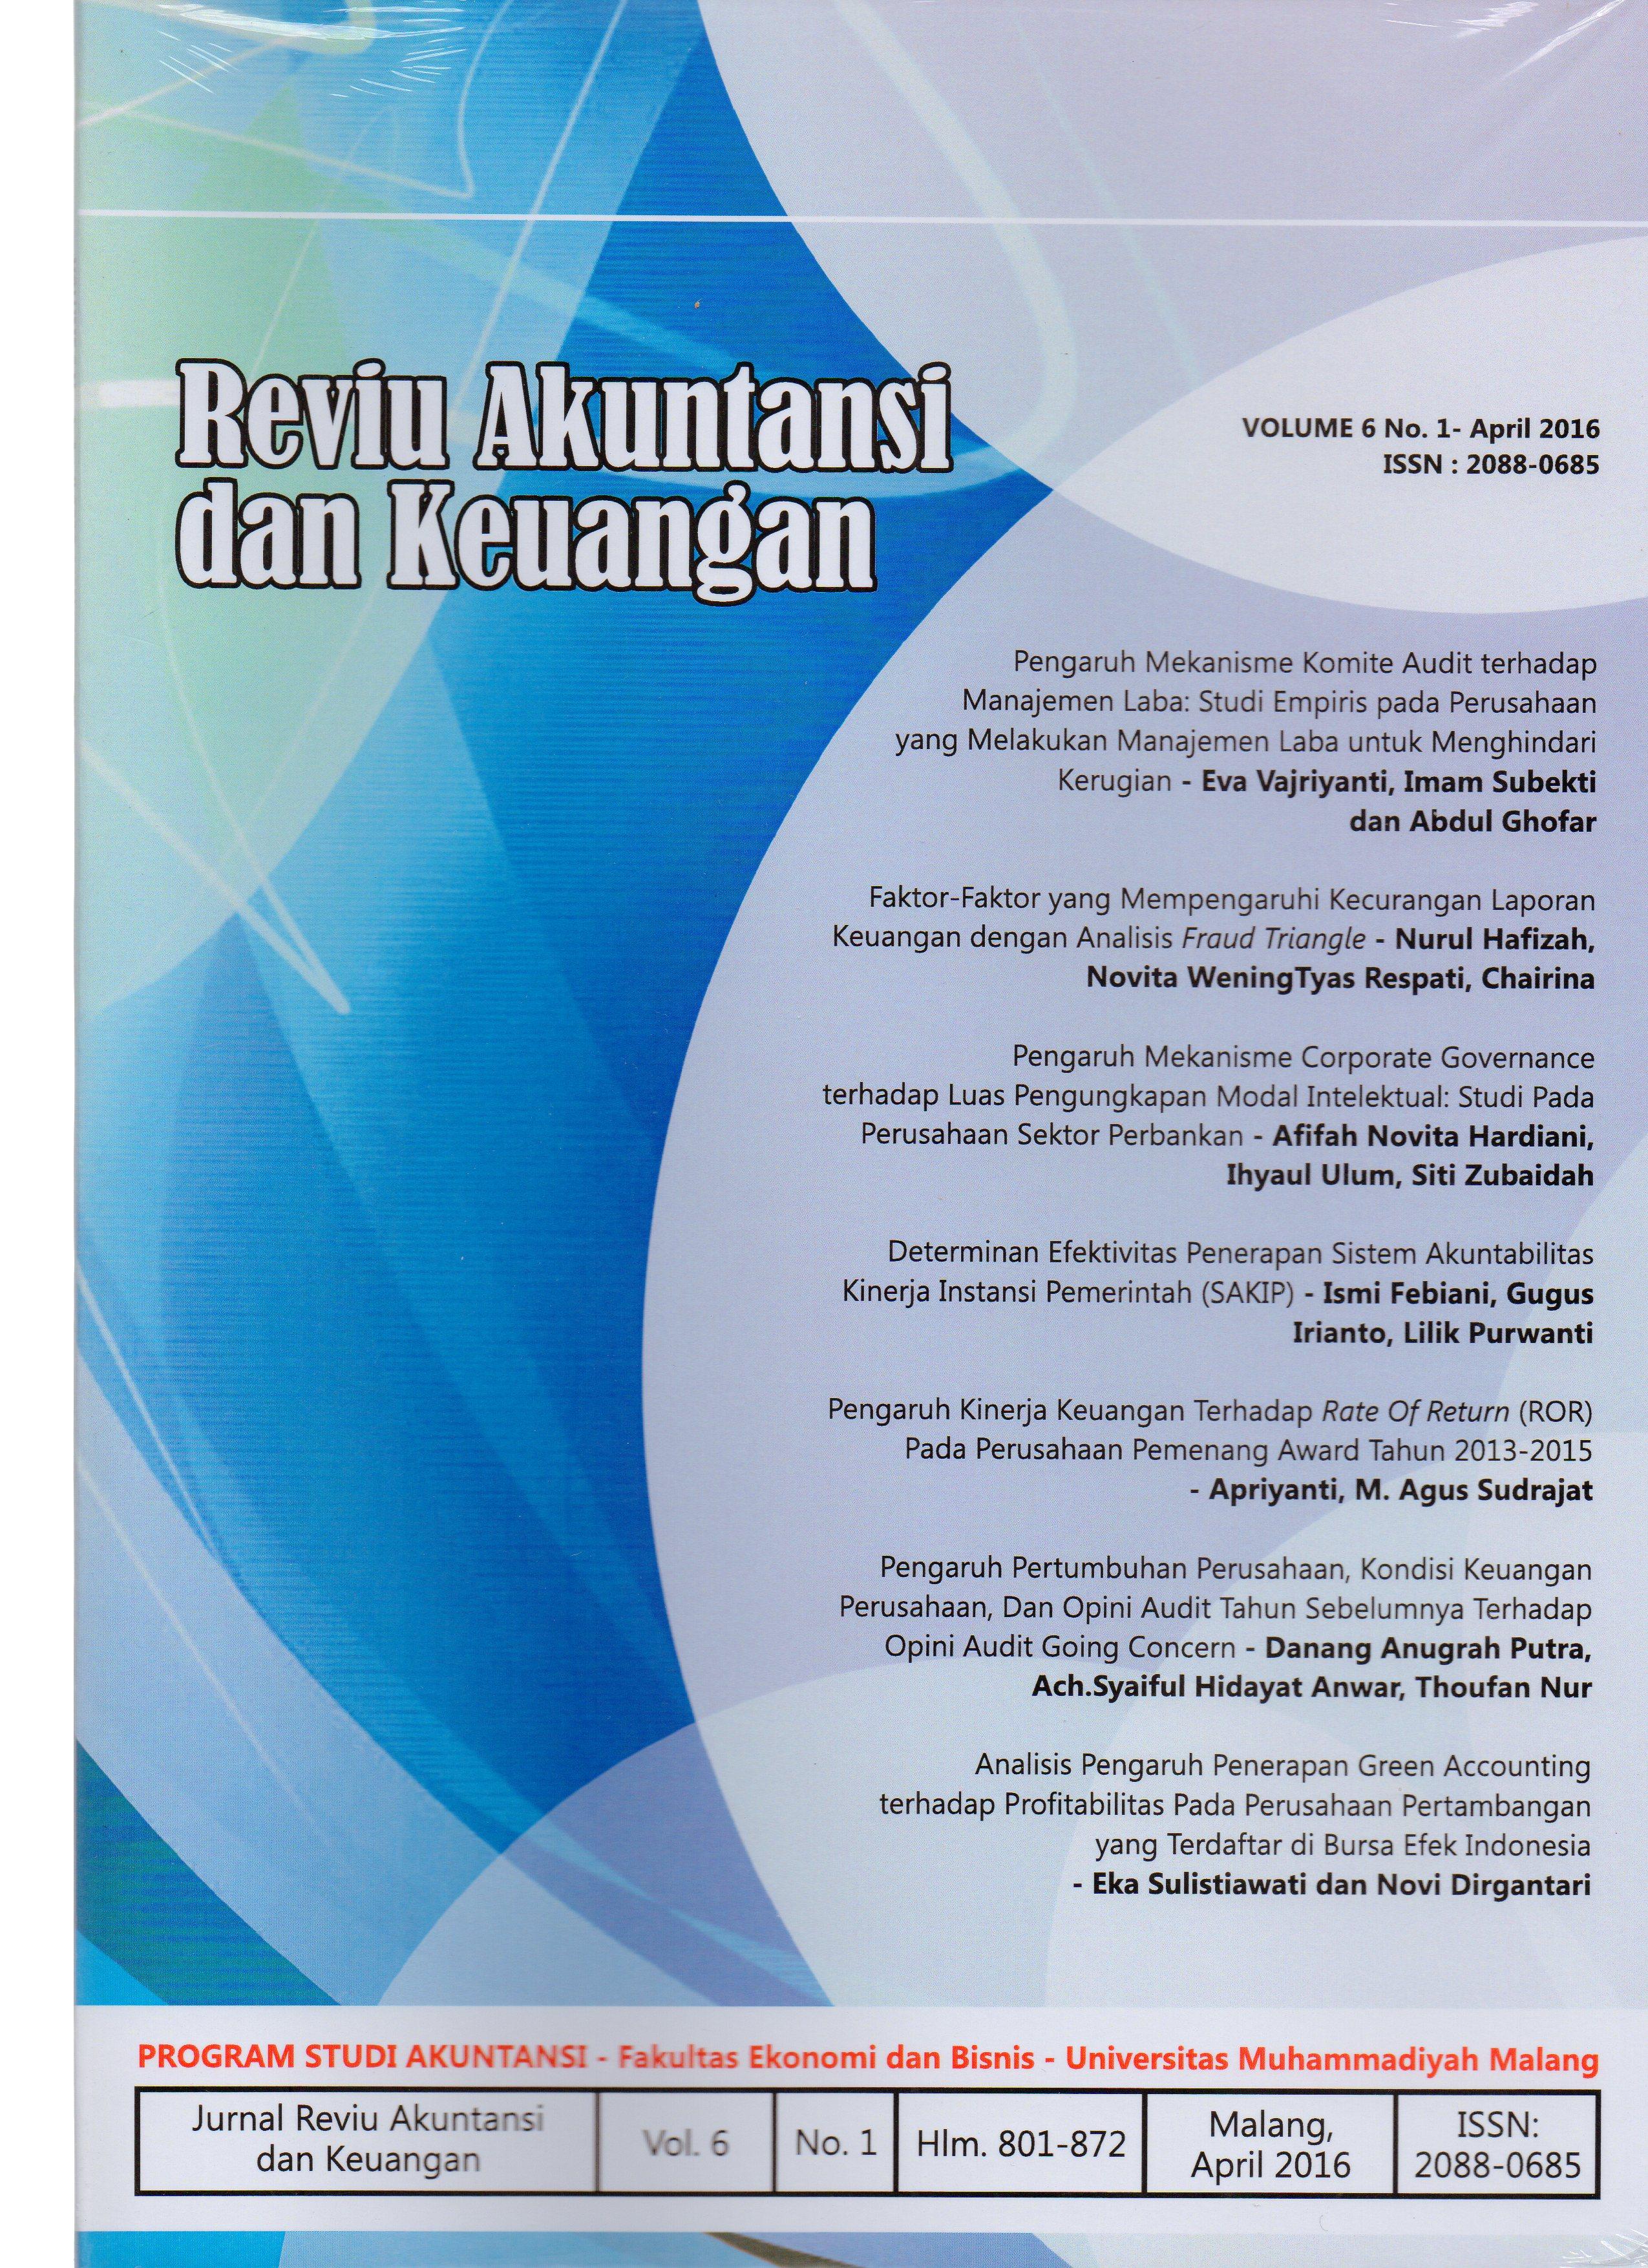 View Vol. 6 No. 1: Jurnal Reviu Akuntansi dan Keuangan